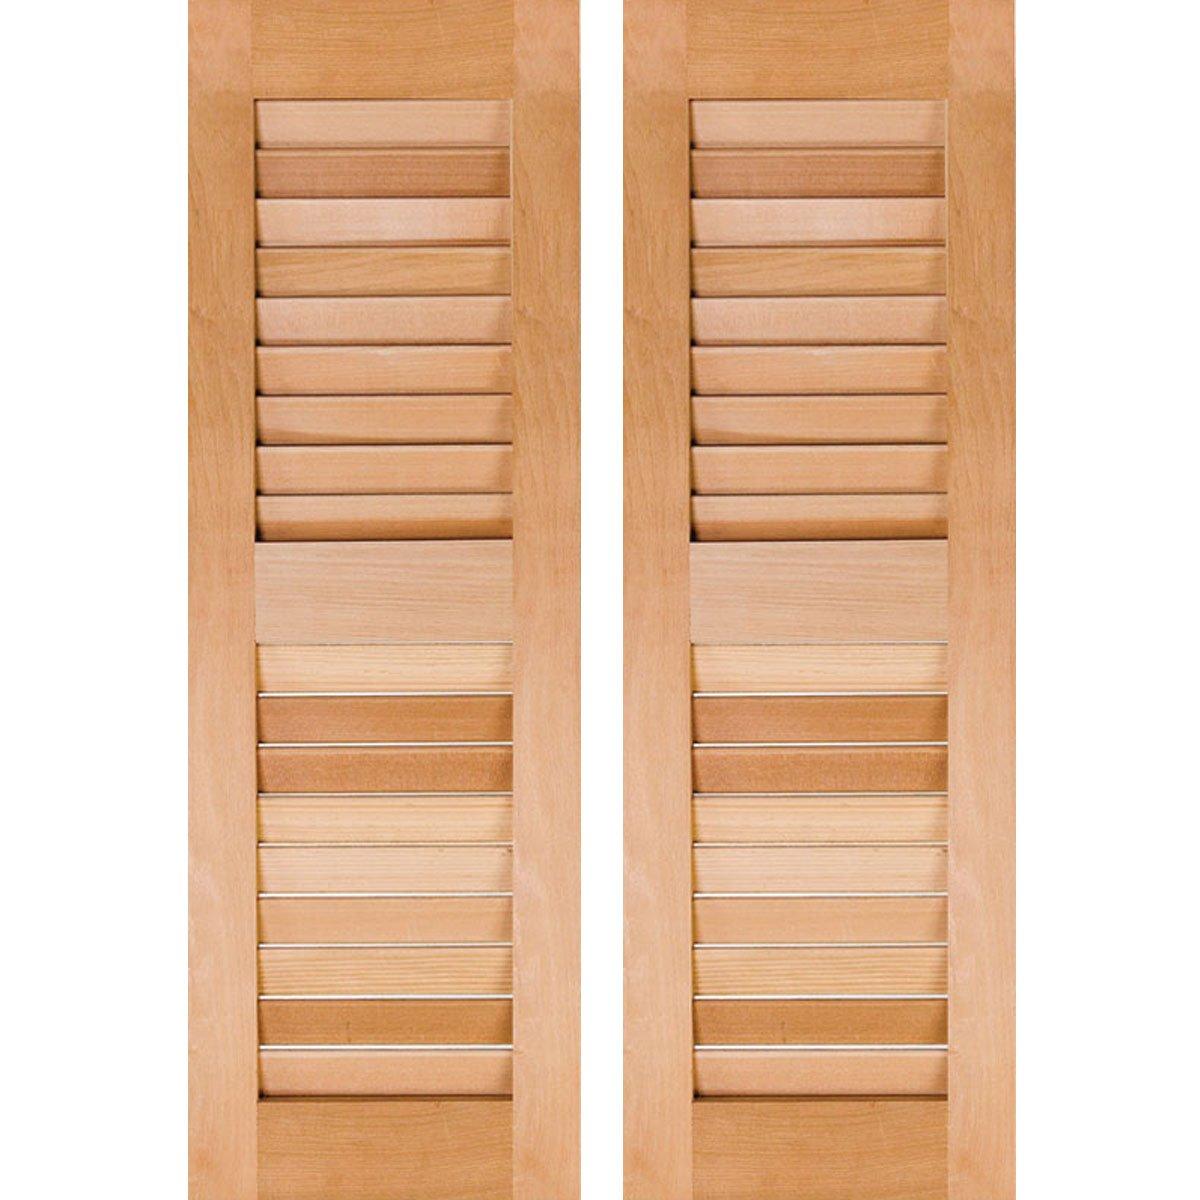 Ekena Millwork RWL12X045UNW Exterior Real Wood